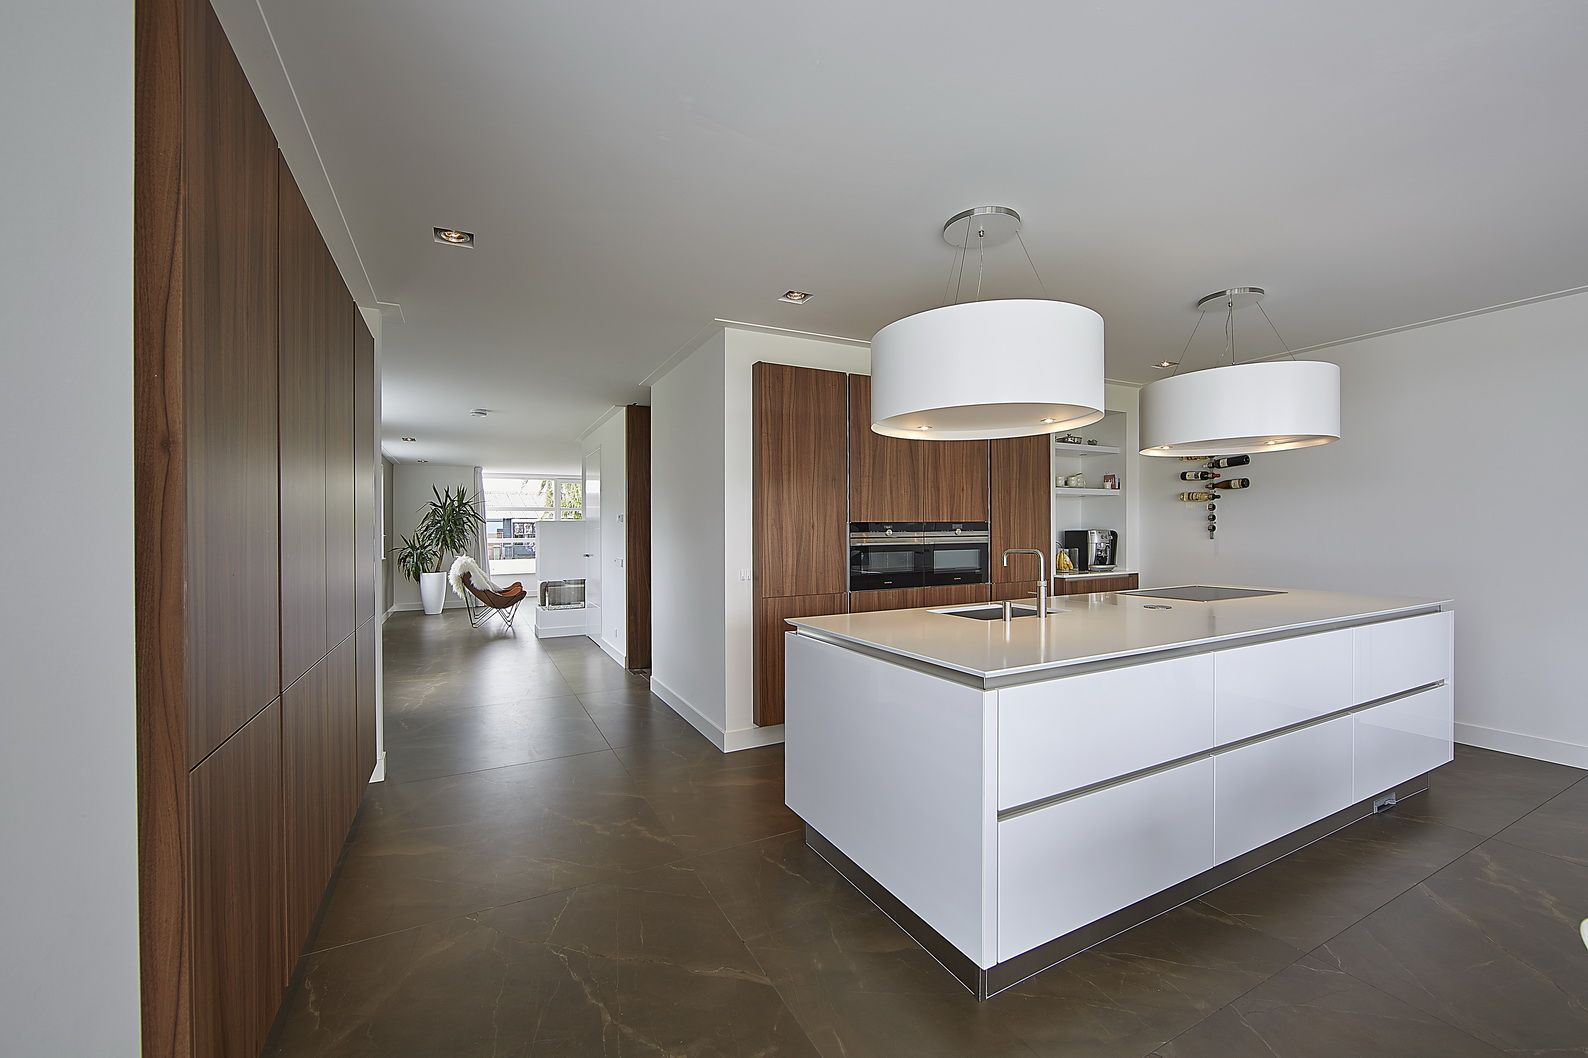 Keuken modern kookeiland brand bba i bba architecten jaren